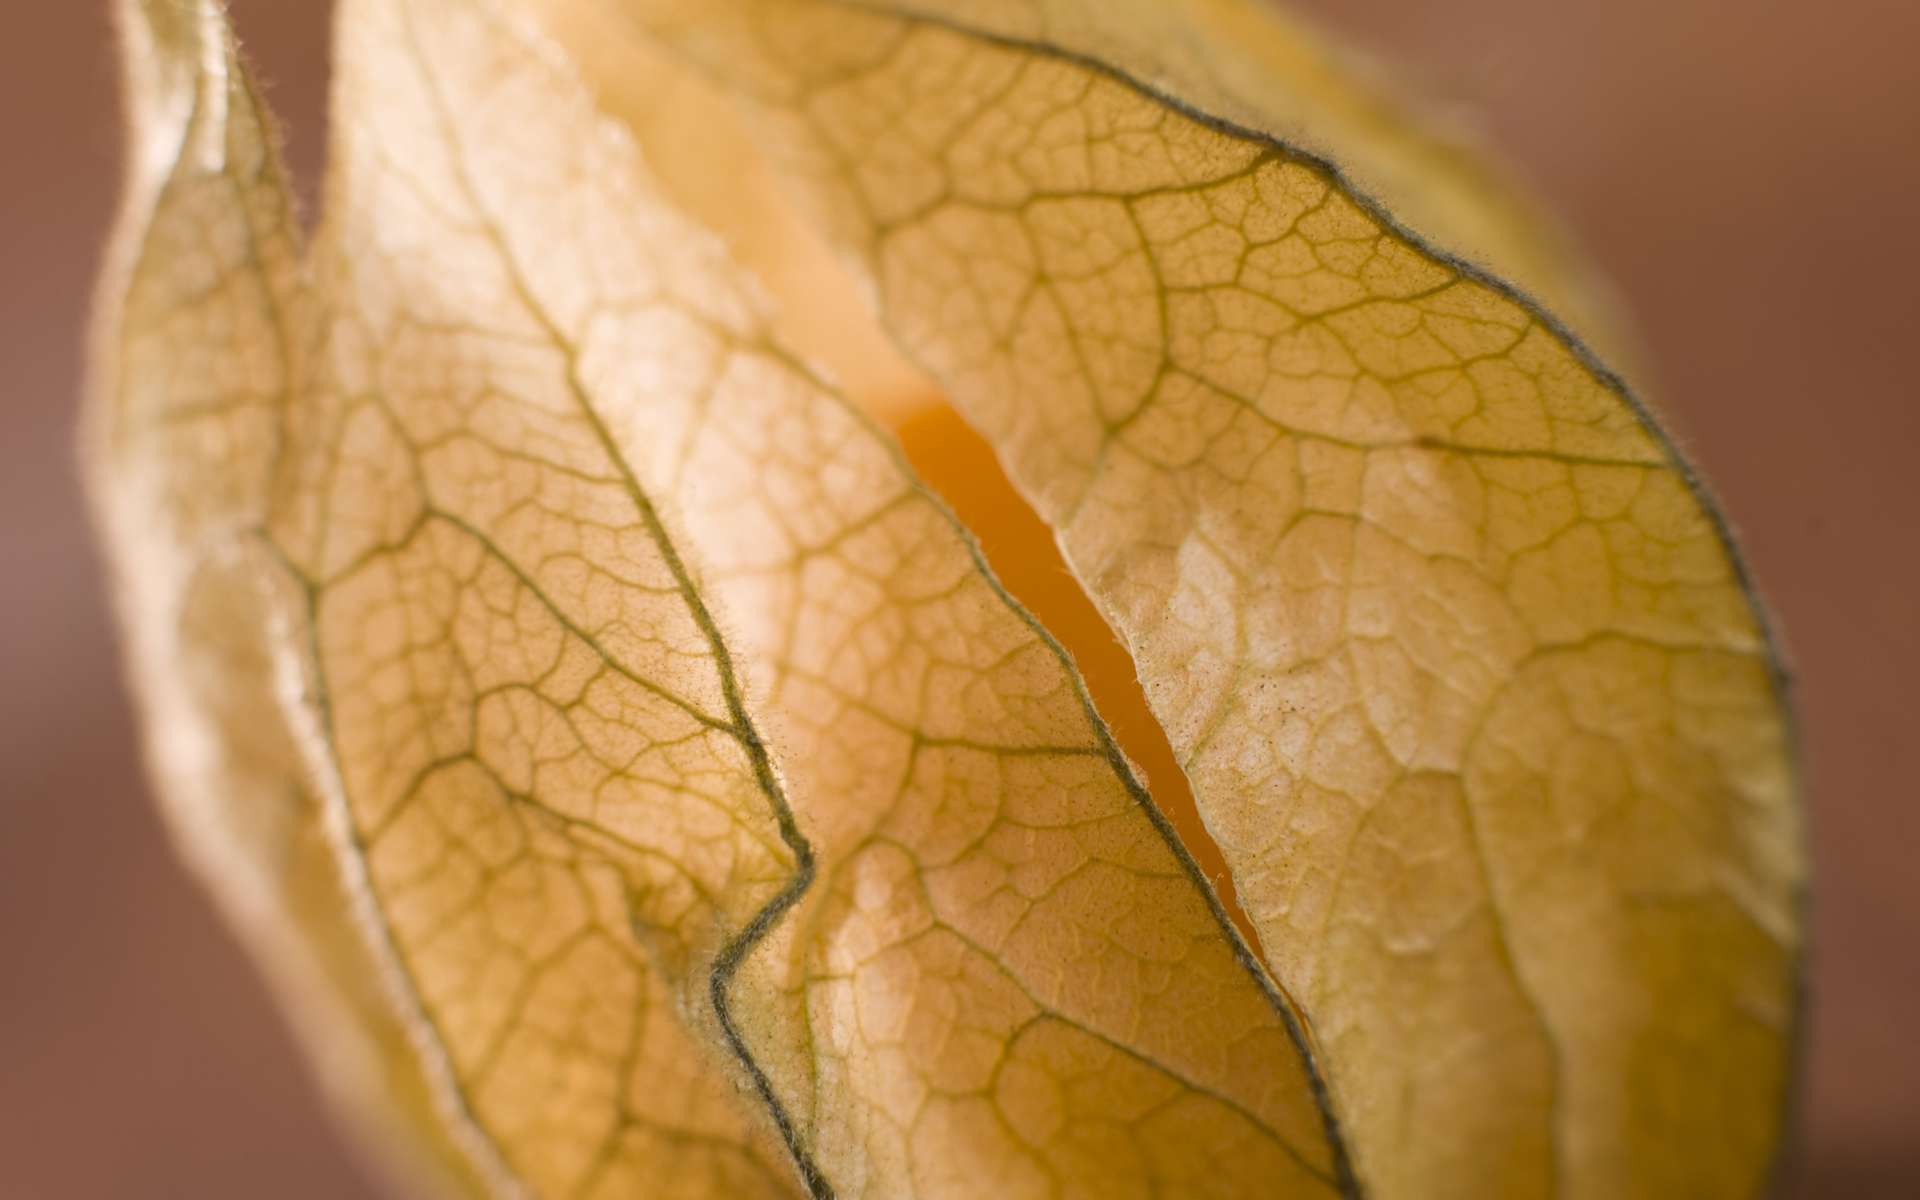 Les fleurs du physalis sont quasiment translucides. © Phovoir